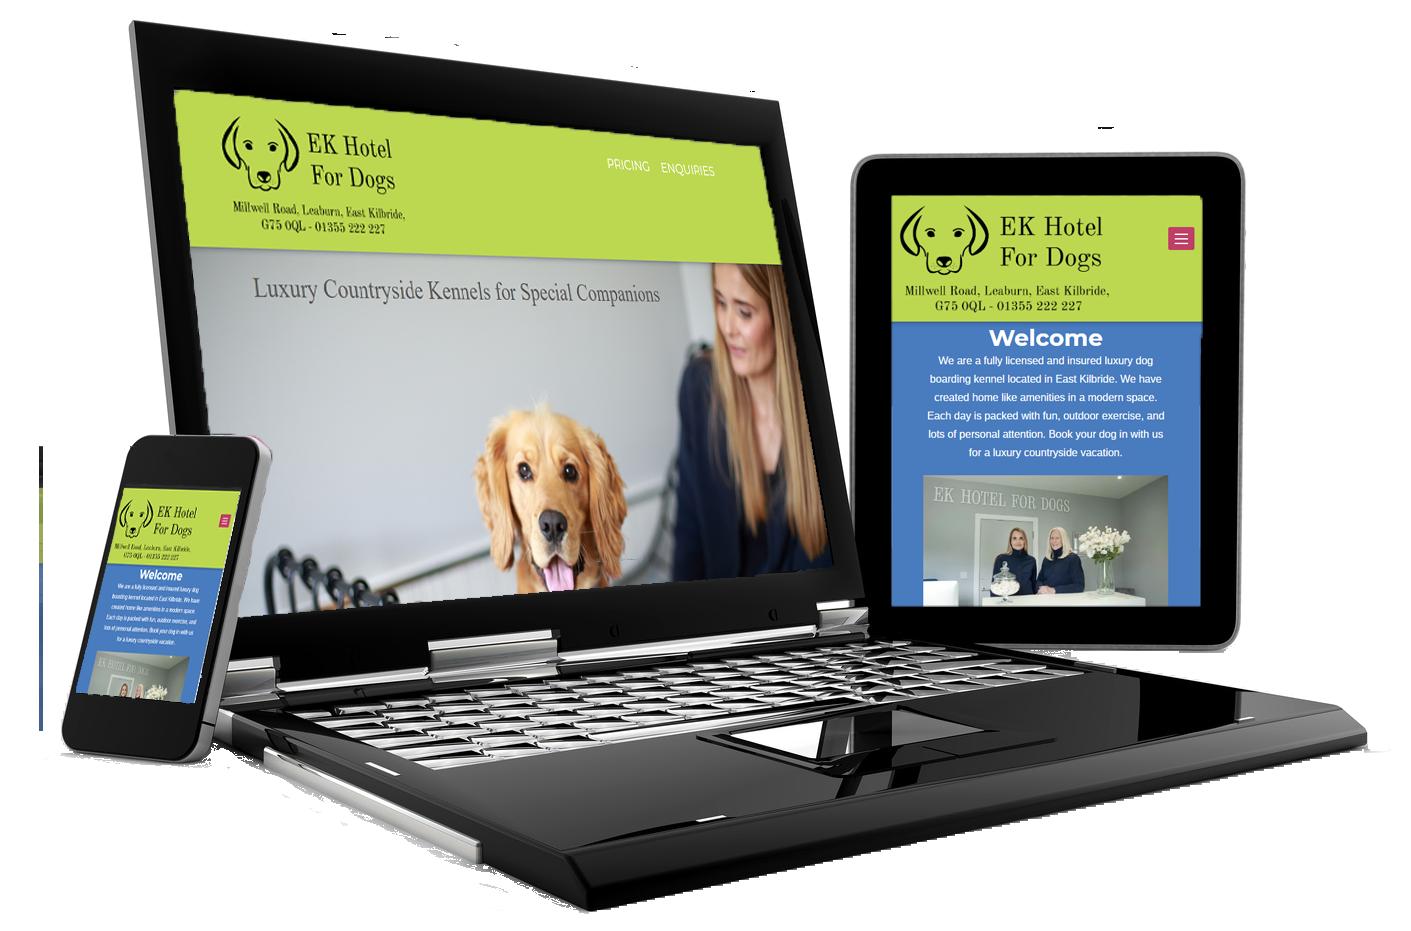 ek hotel for dogs